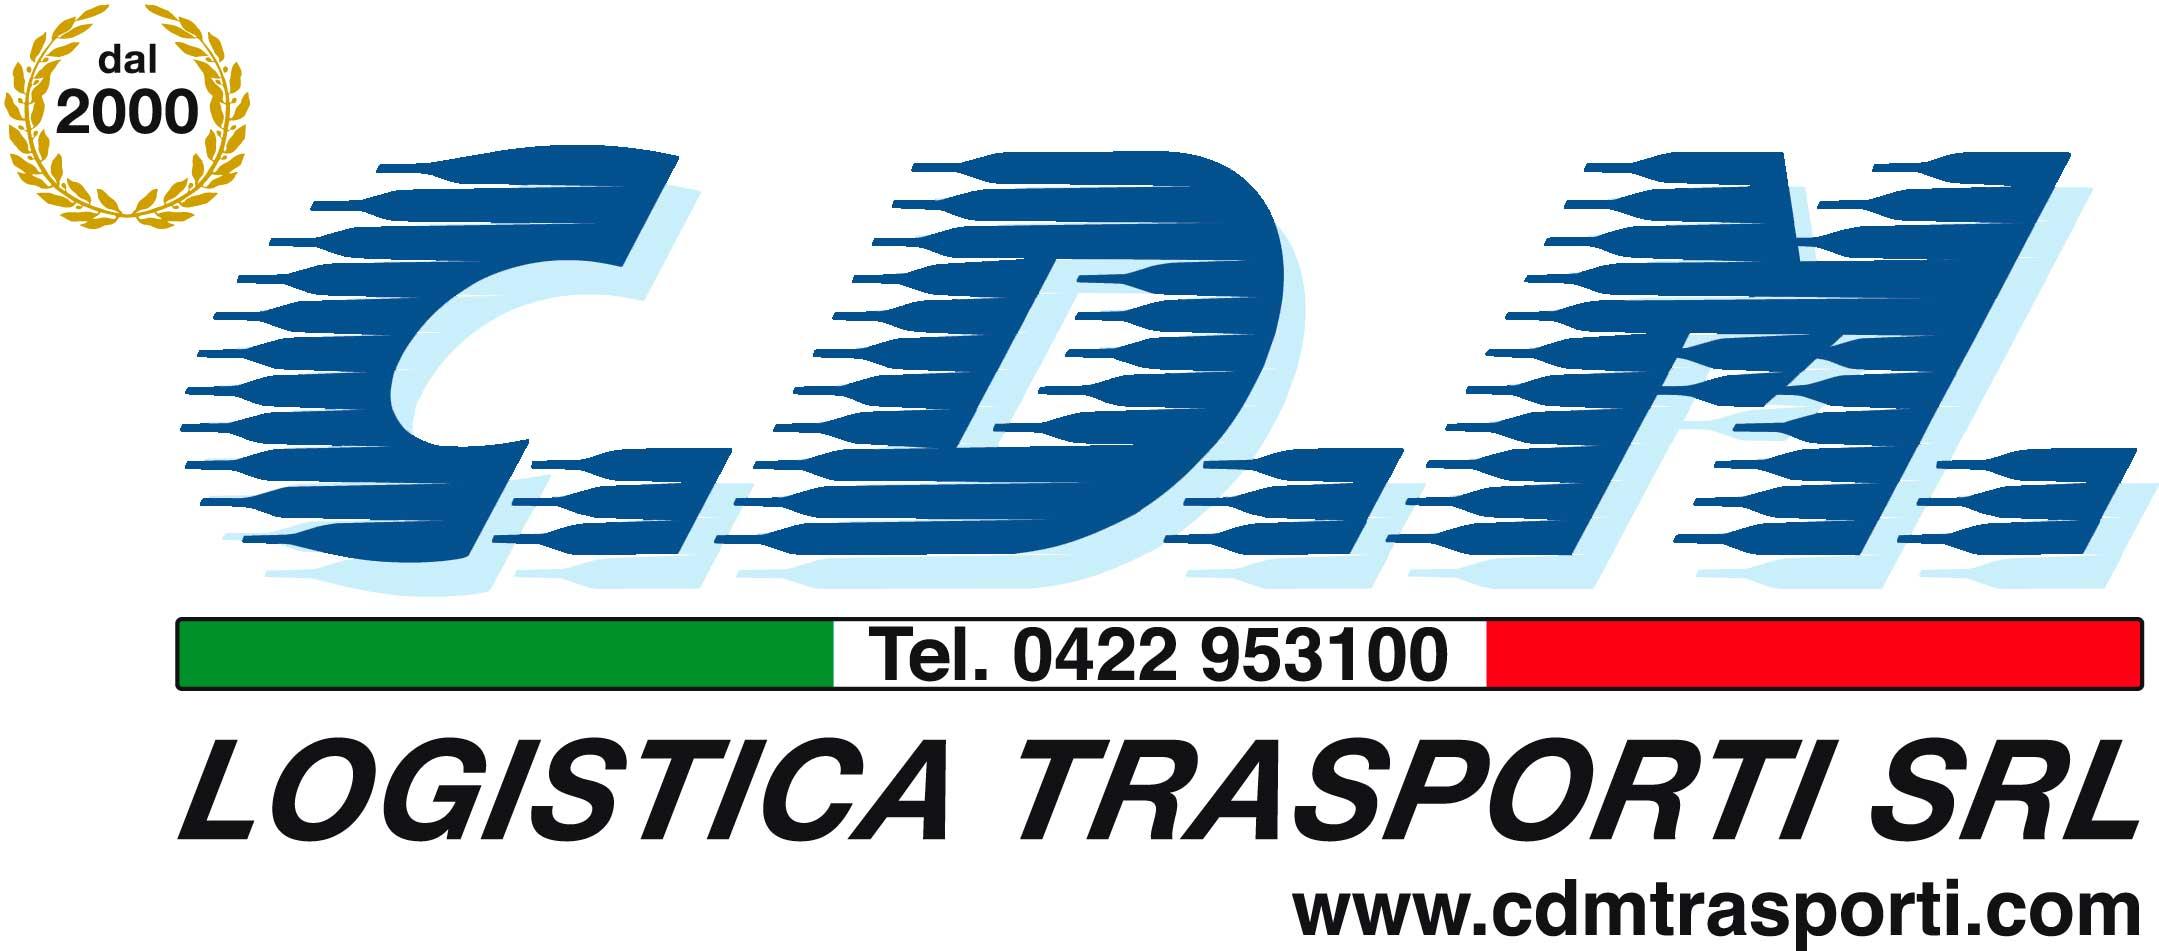 CDM Trasporti